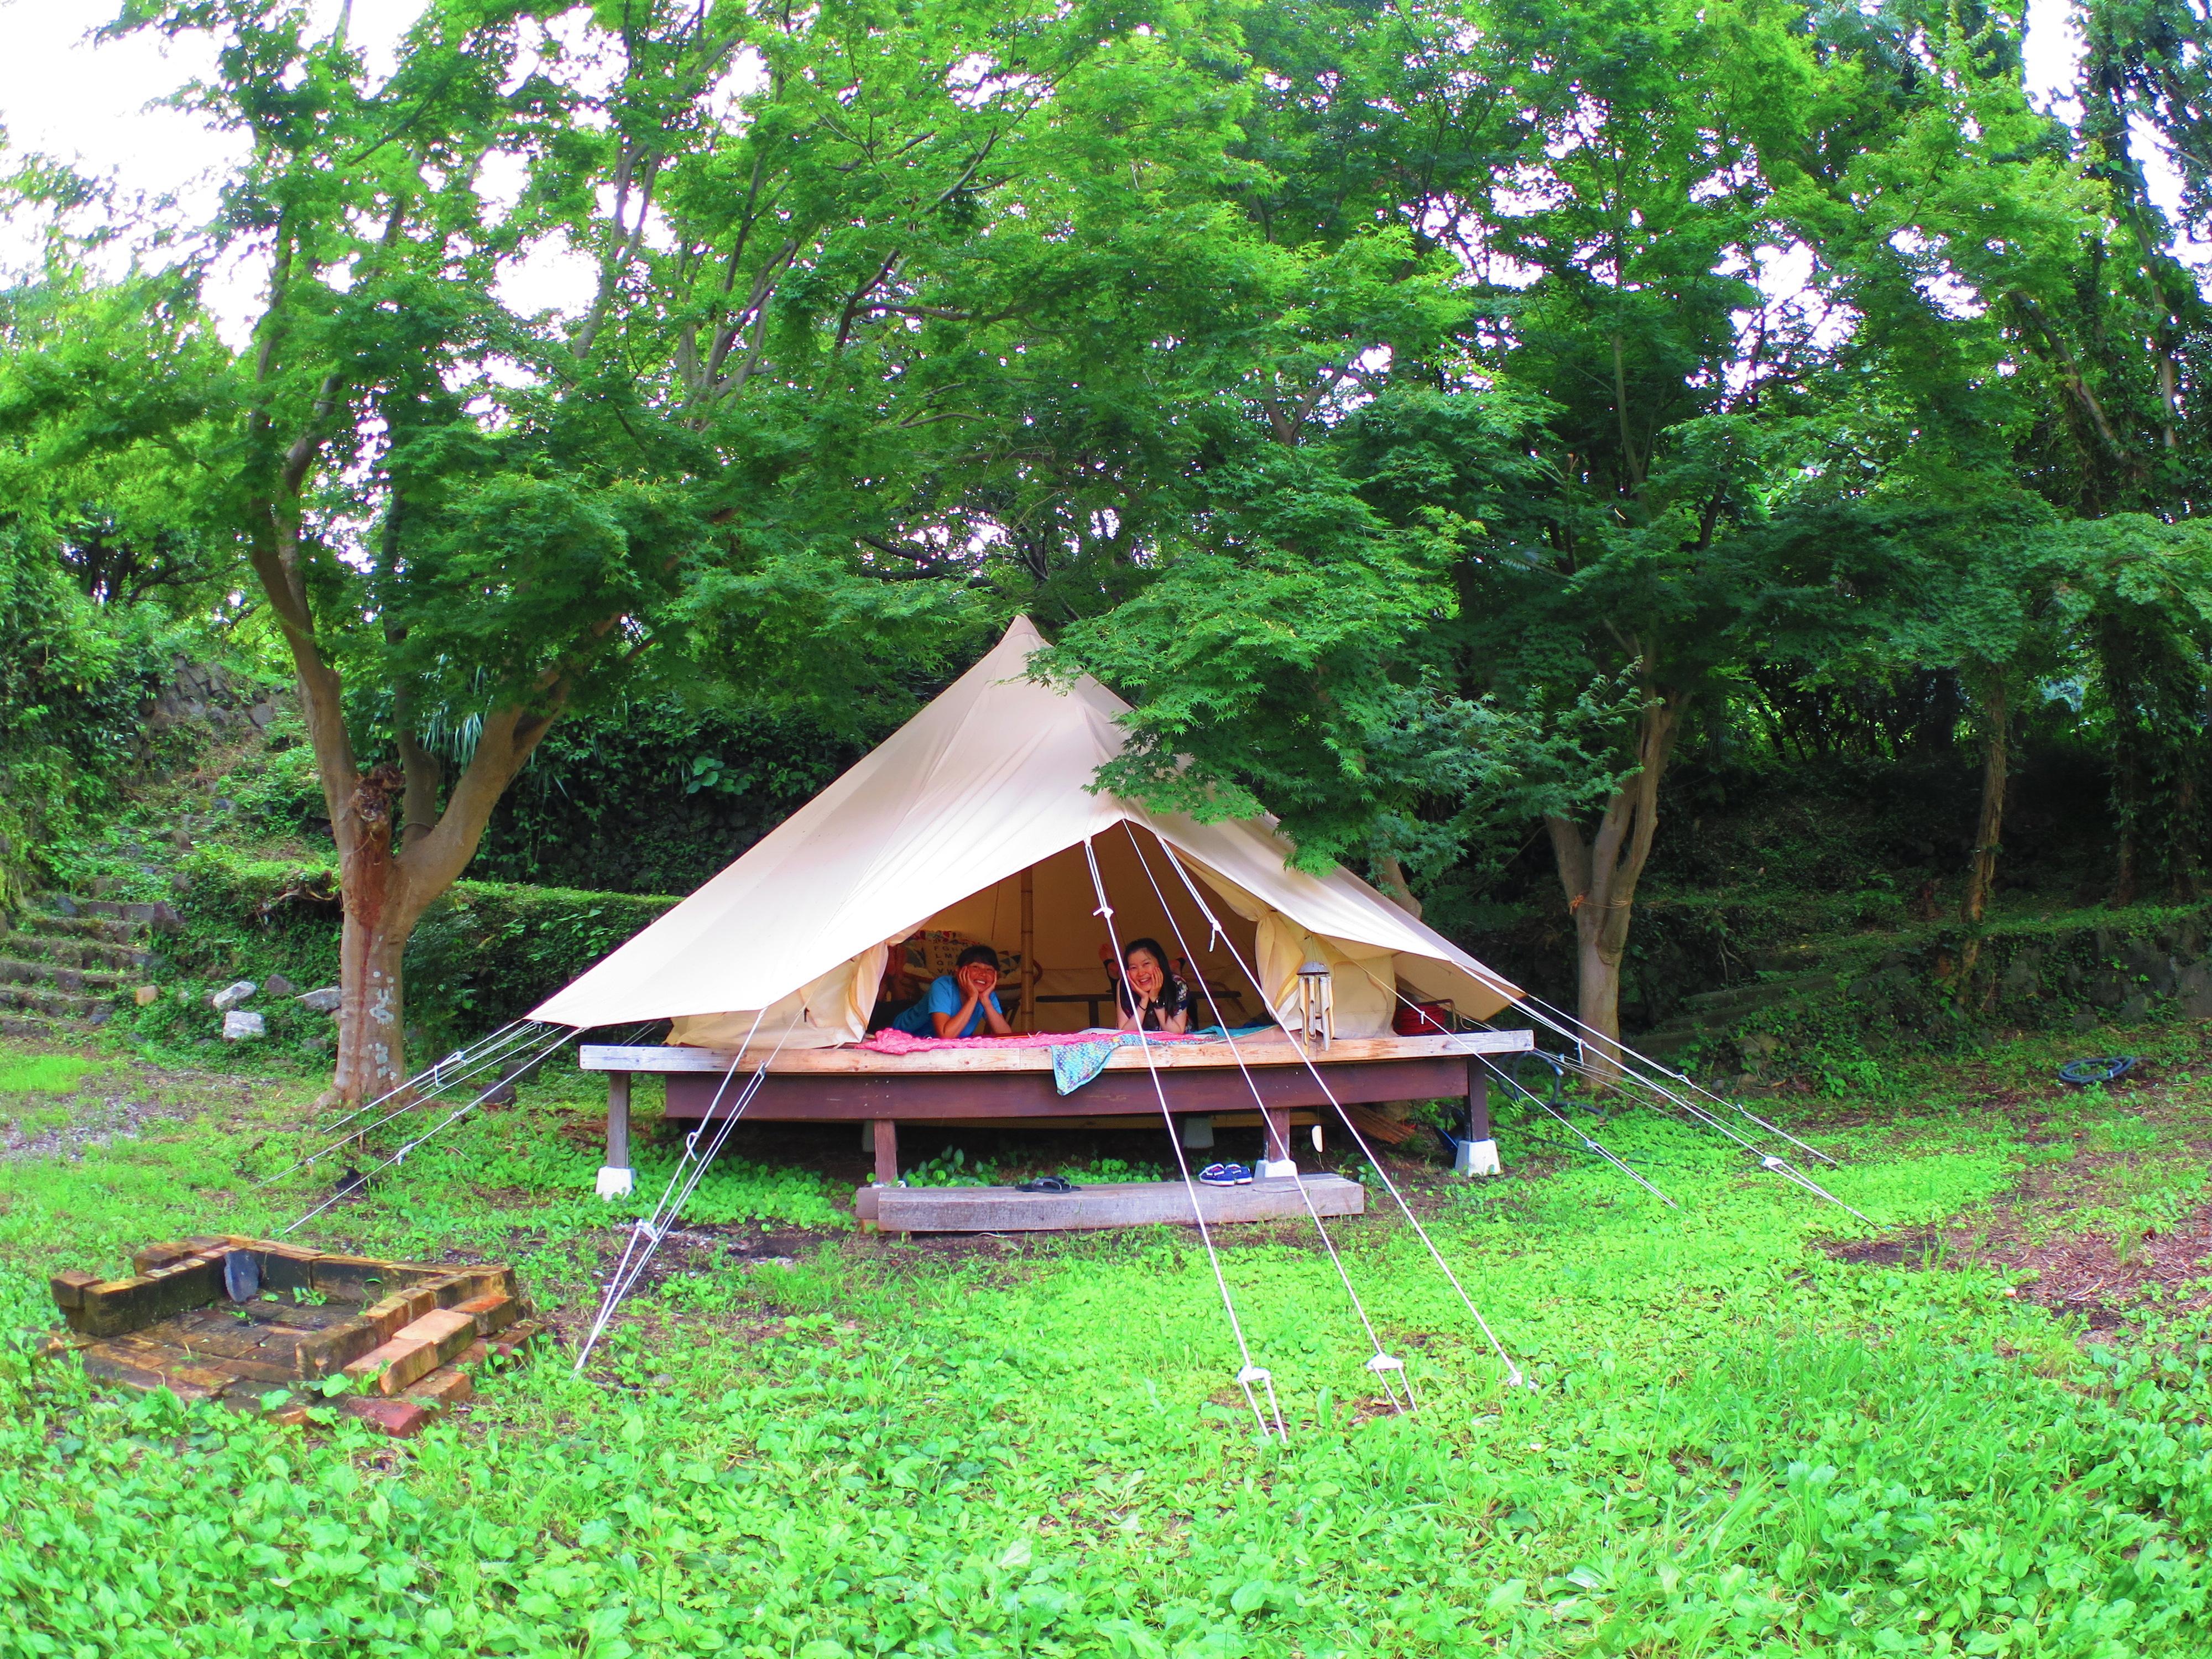 「テントの中広い!気持ちいい〜!」手ぶらで来てテント泊。ご相談ください。4名まで泊まれます!